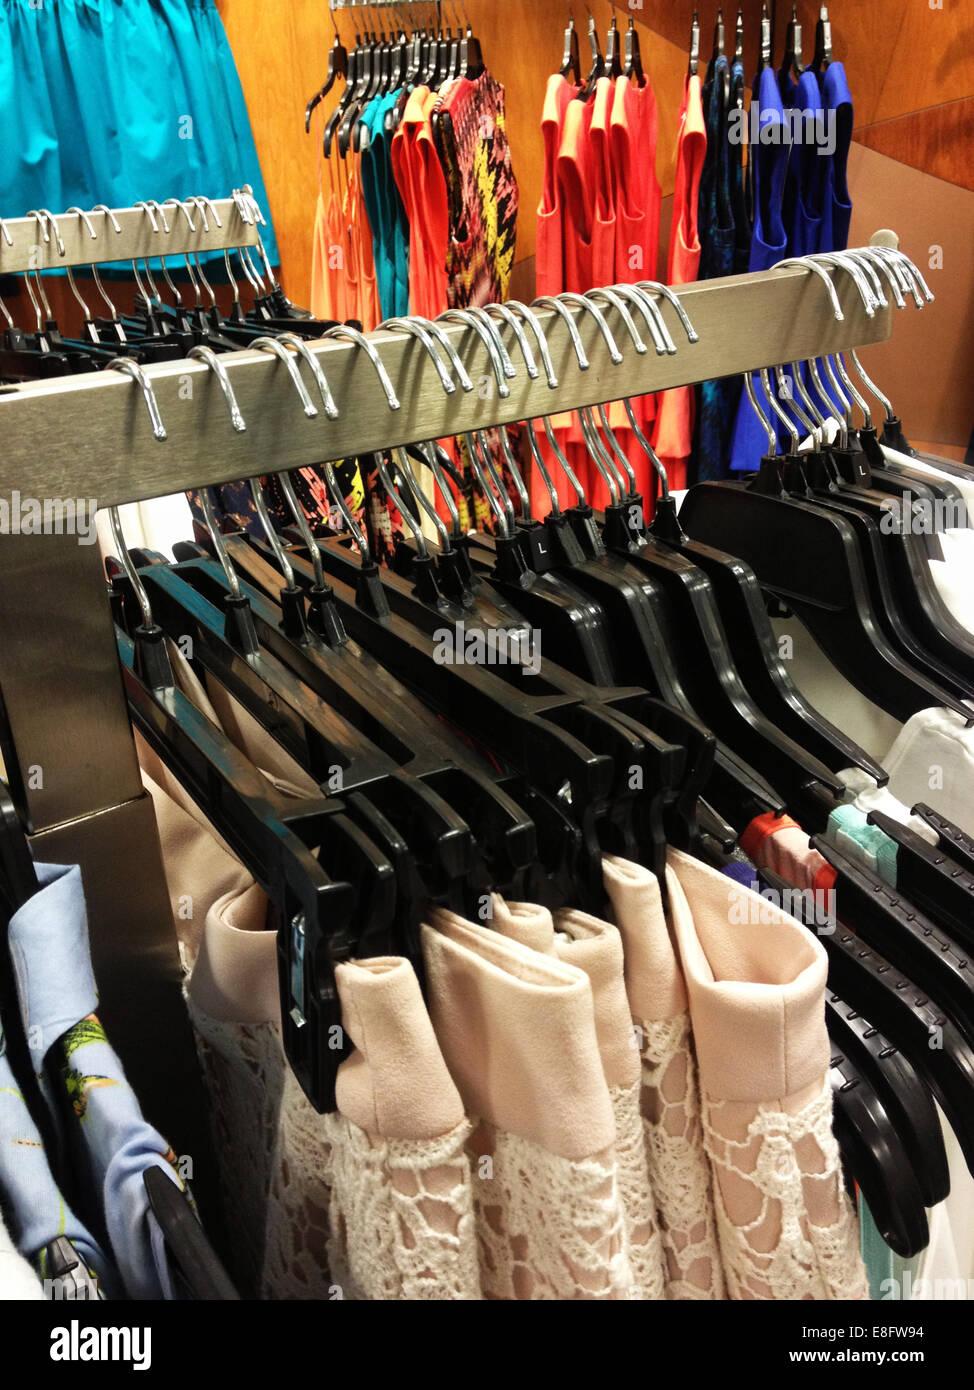 b76b43938864 Capi di abbigliamento femminile su rotaie vestiti in negozio Immagini Stock